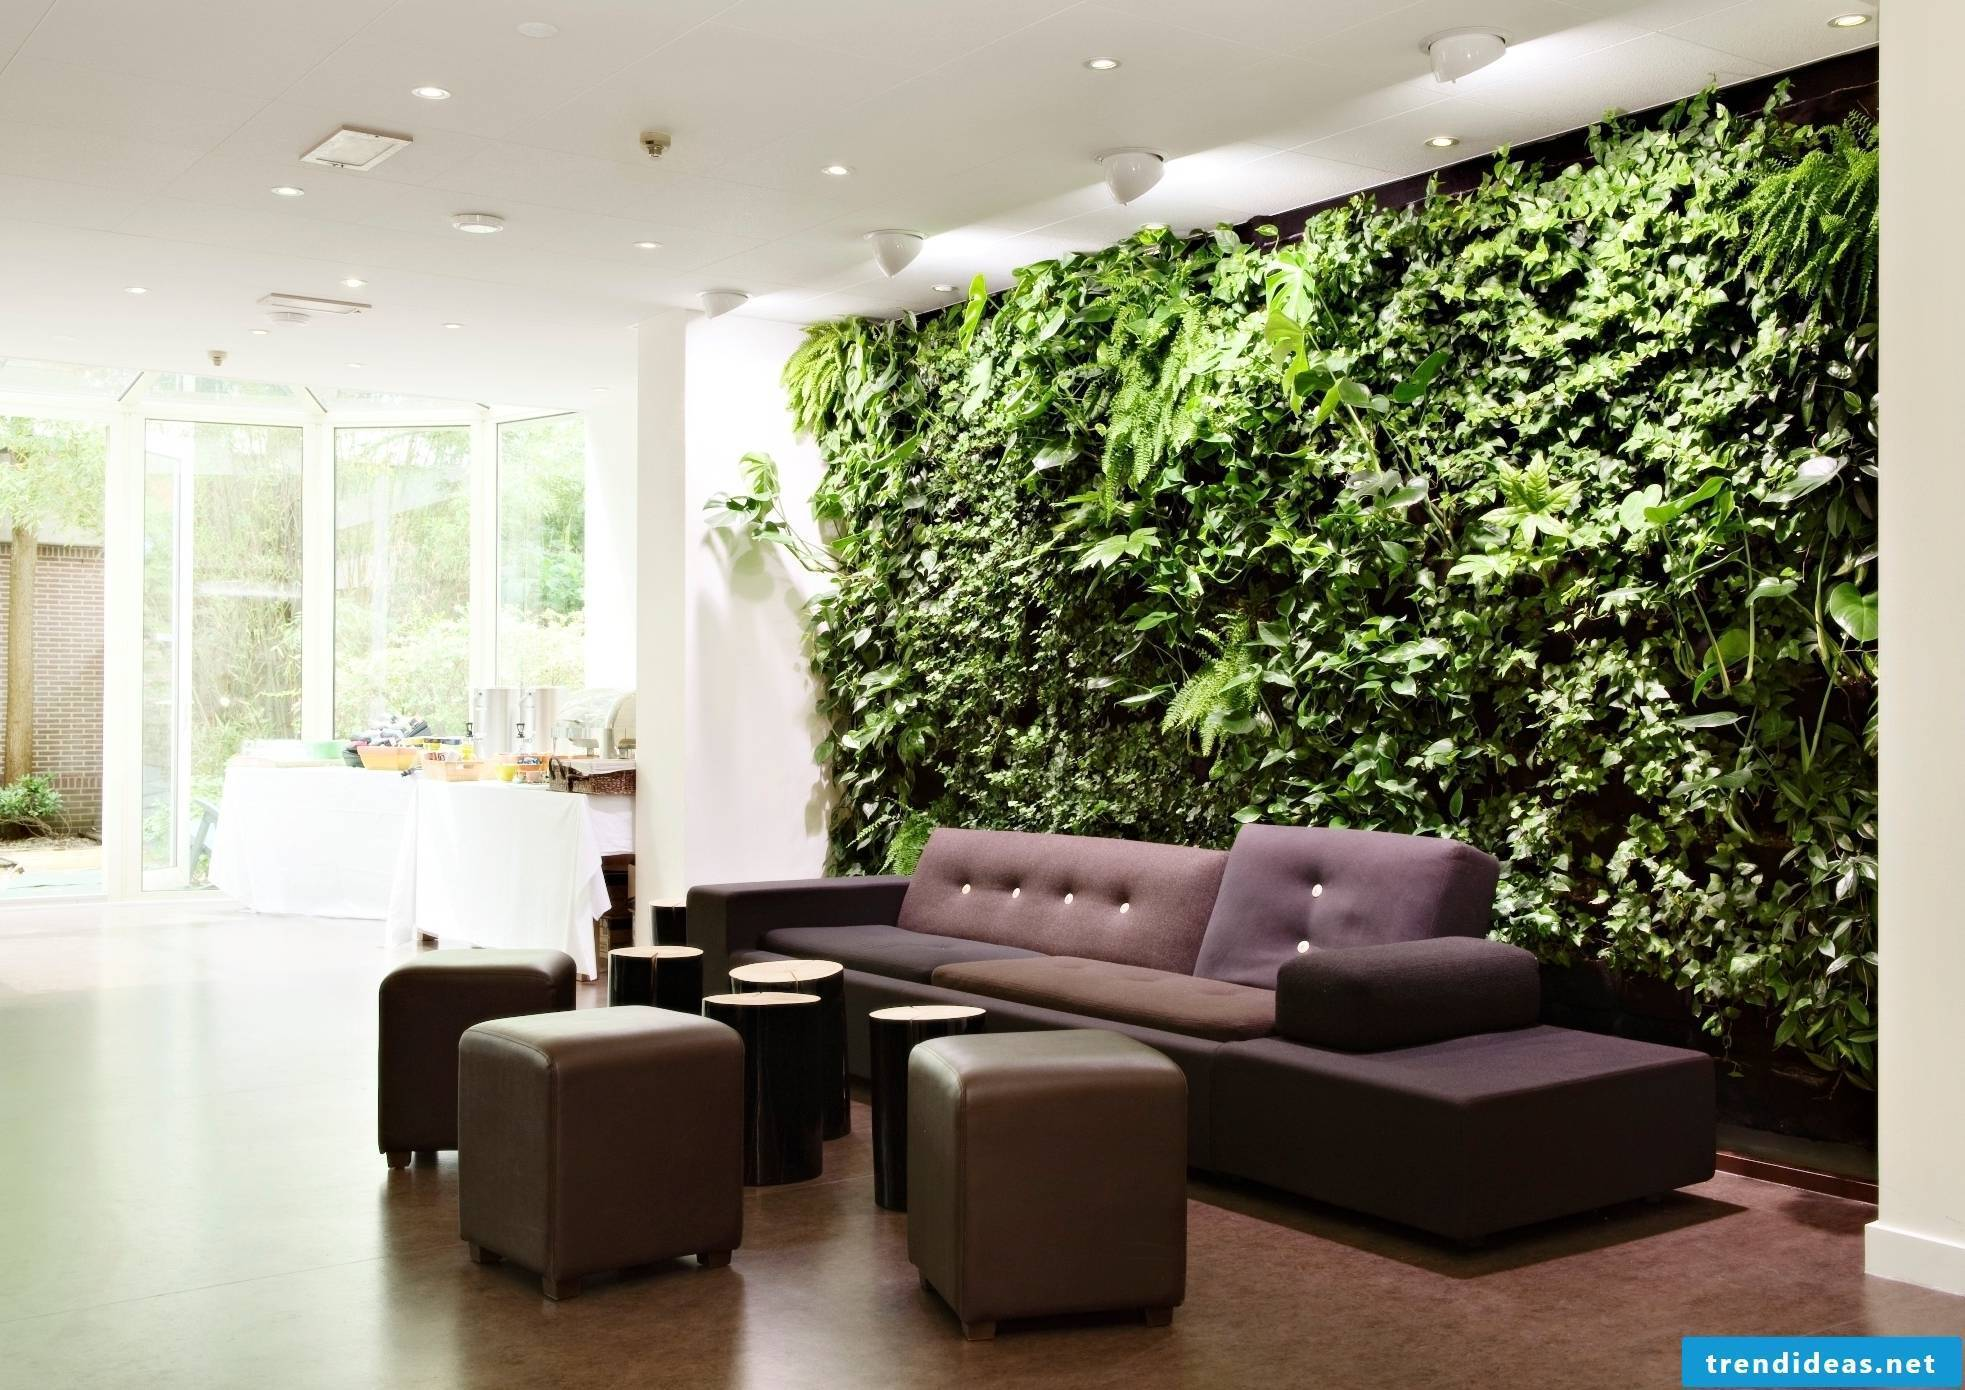 A wall - a garden